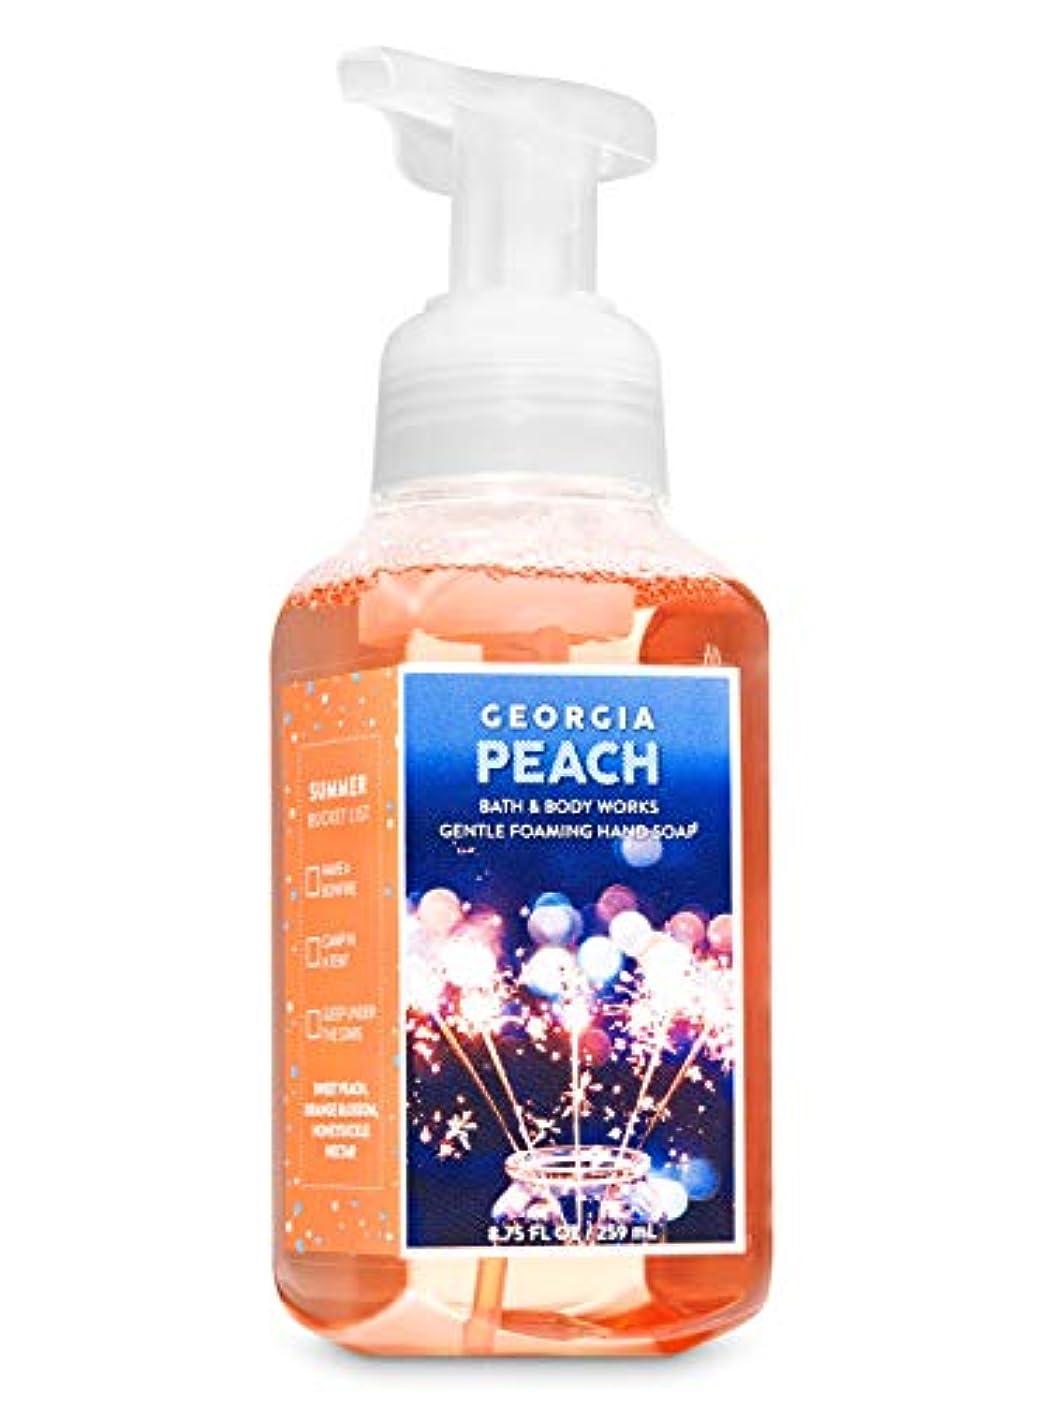 手順死すべきベストバス&ボディワークス ジョージアピーチ ジェントル フォーミング ハンドソープ Georgia Peach Gentle Foaming Hand Soap